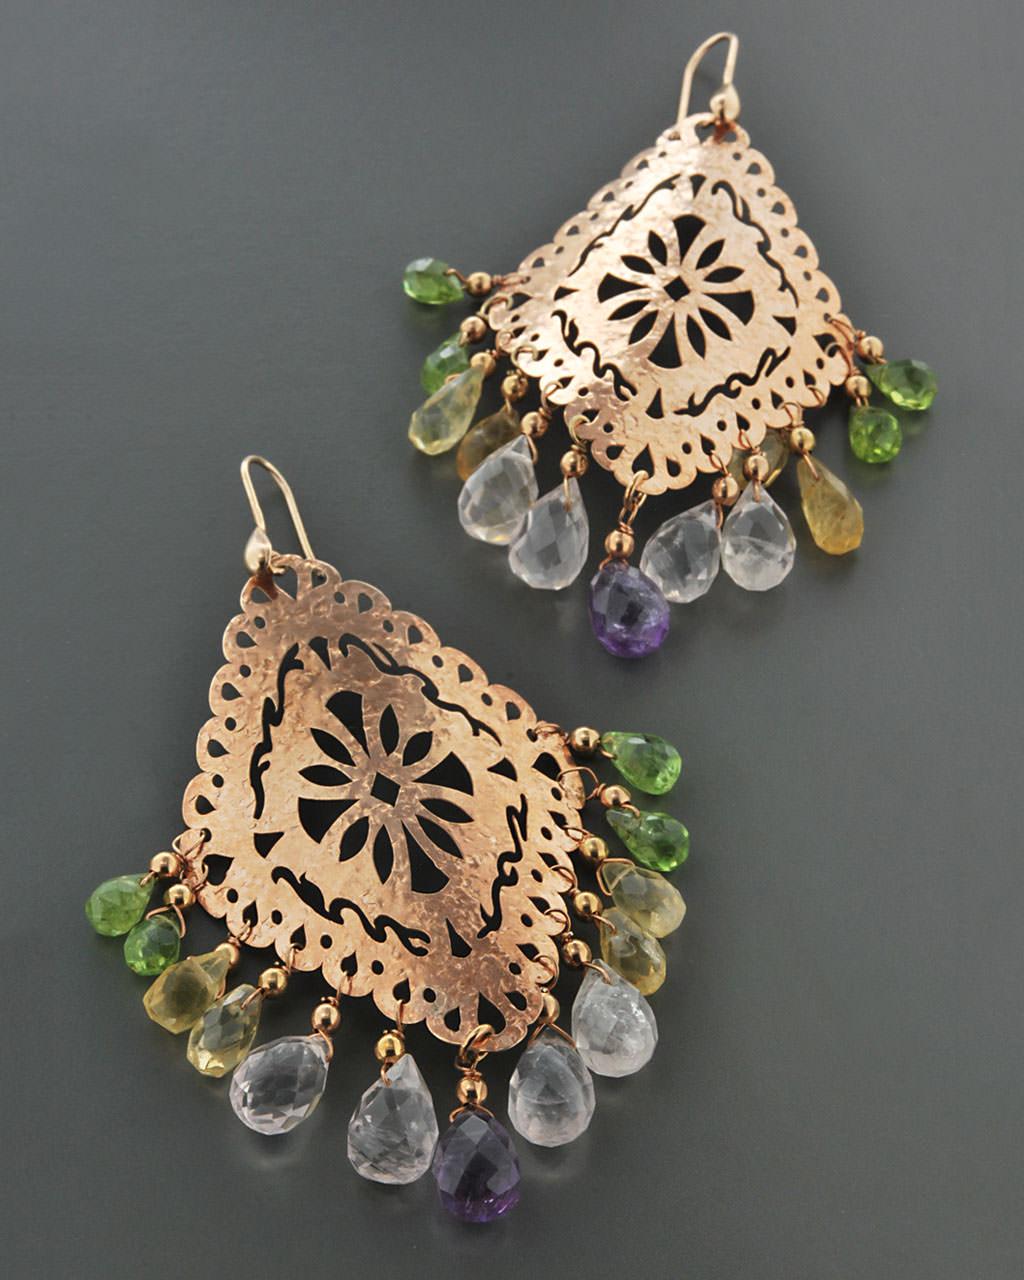 Σκουλαρίκια ασημένια 925 με Quartz   γυναικα σκουλαρίκια σκουλαρίκια ασημένια